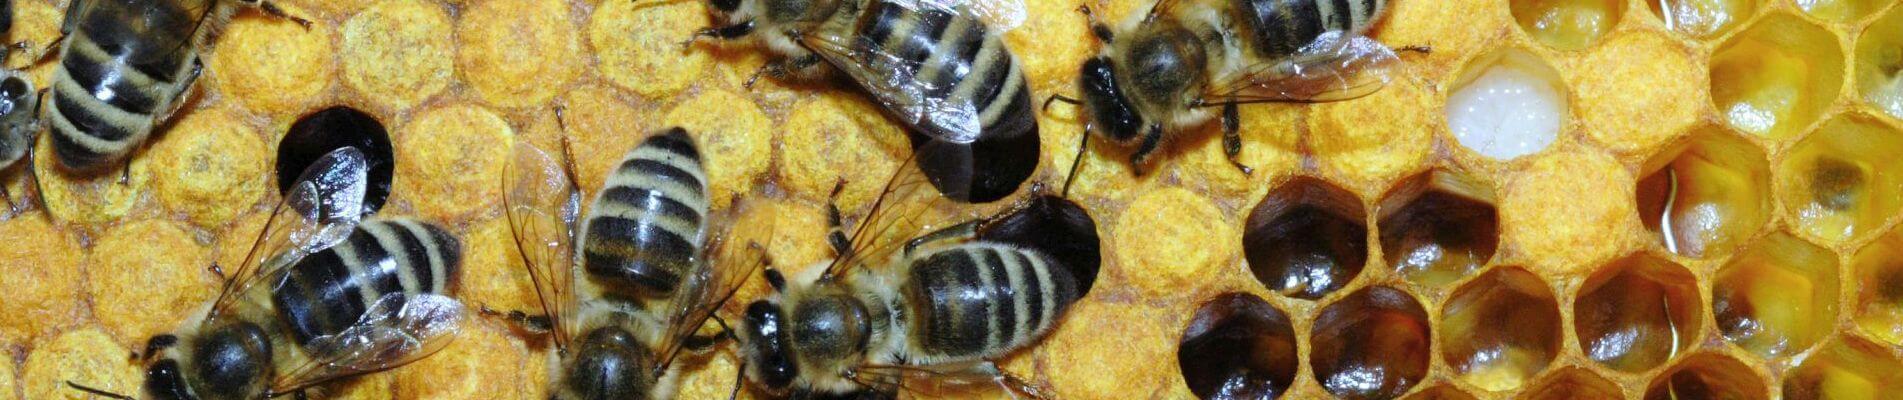 הרמת כוסית לראש השנה  – הרצאה מקצועית בנושא דבורים- אדם- אדמה- עולם